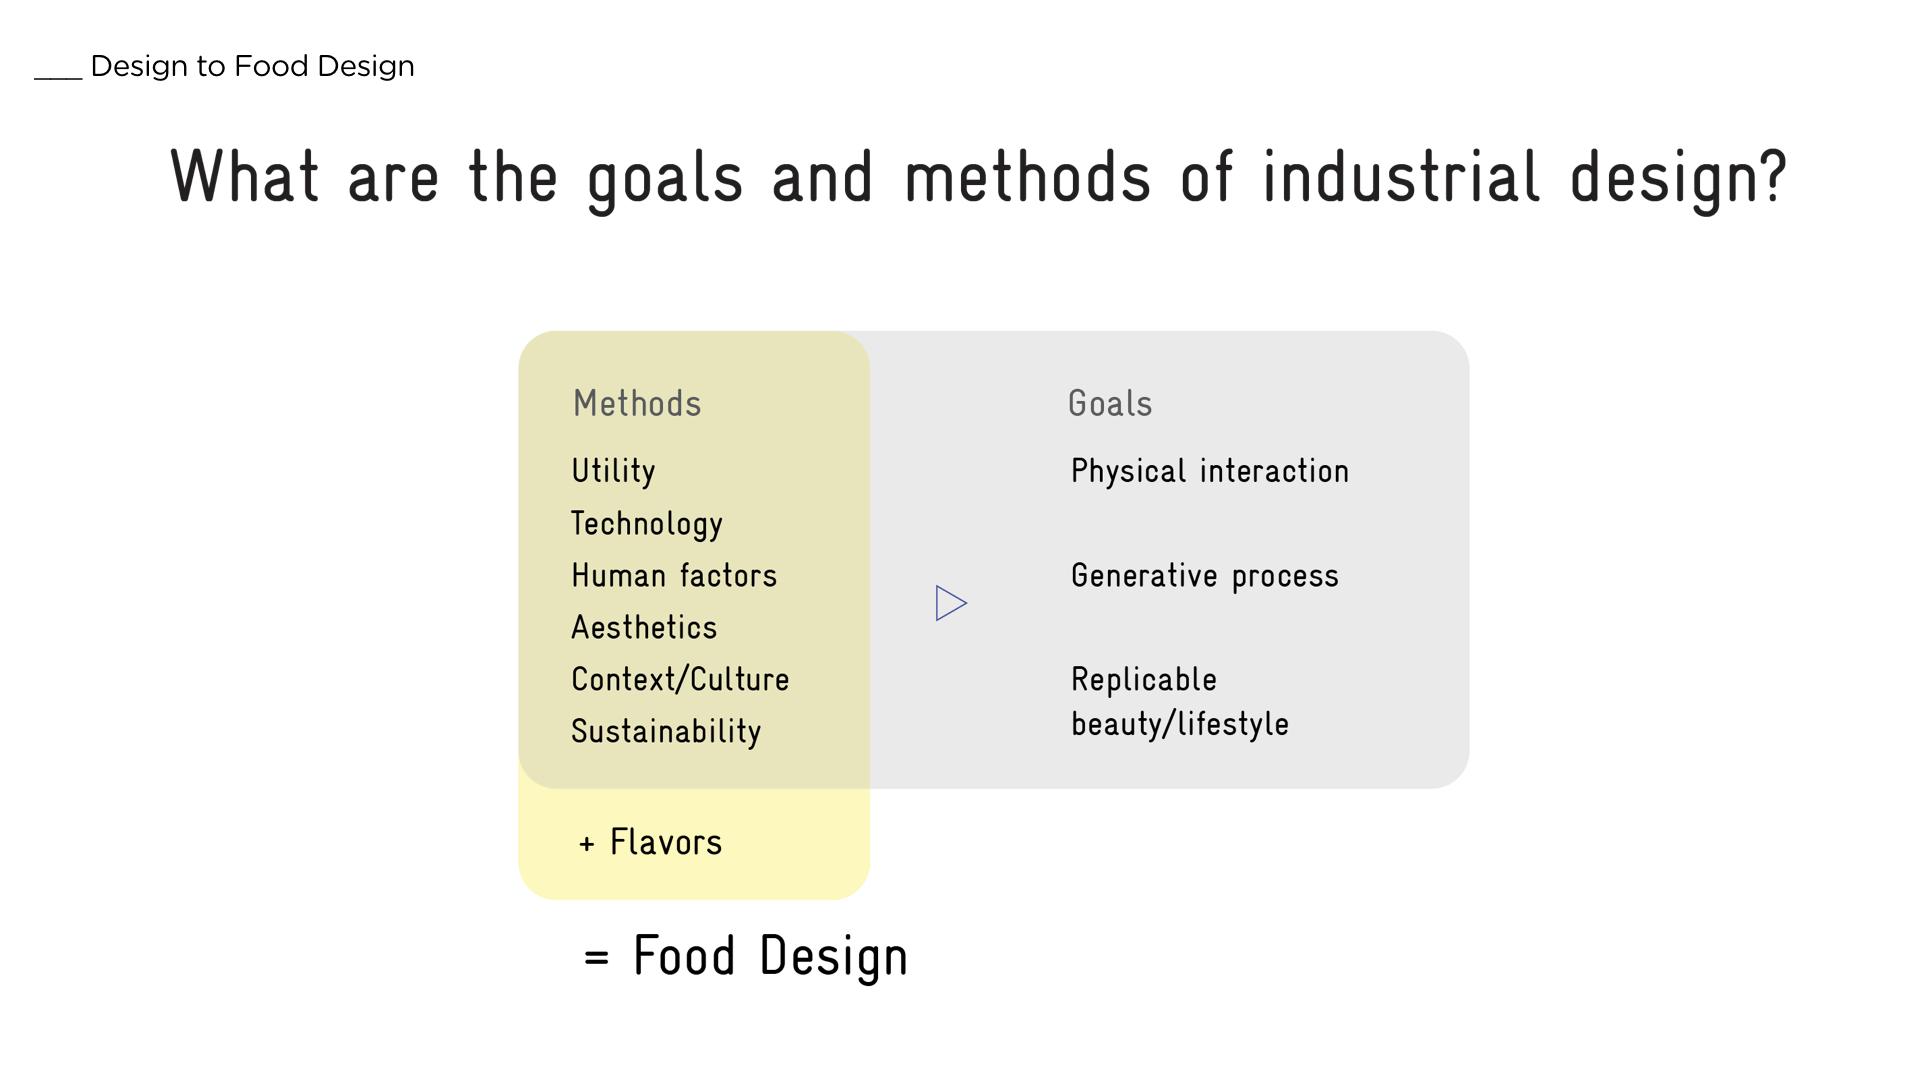 food futures slide 0507 v2.016.jpeg